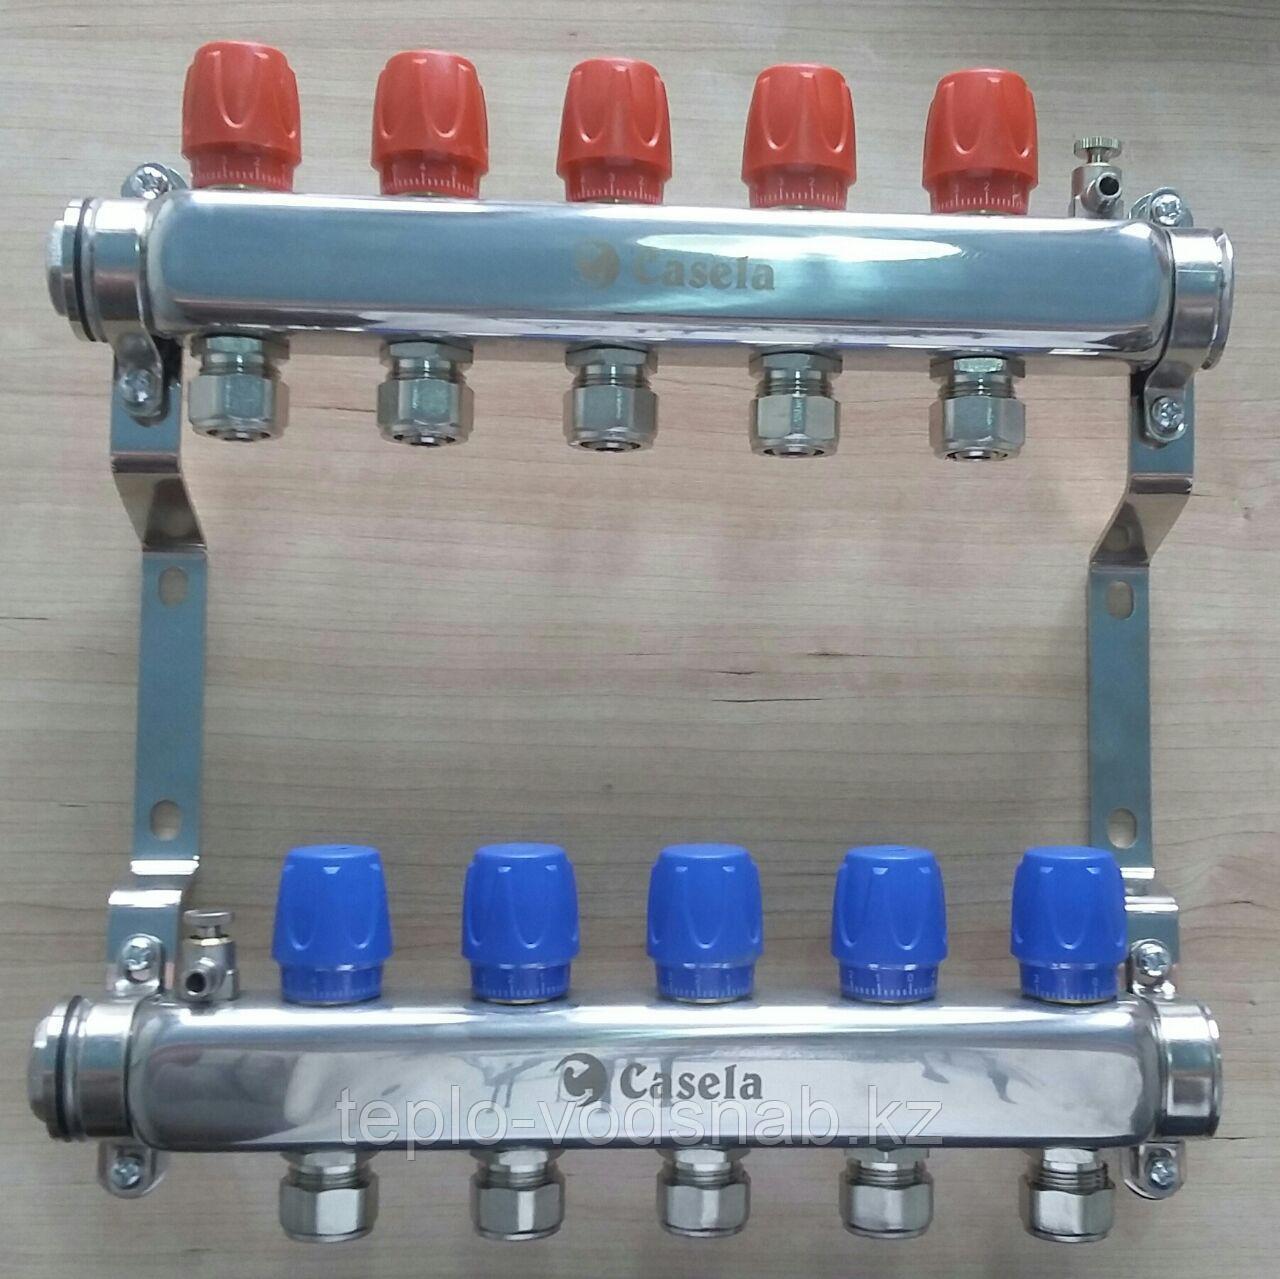 Коллектор для теплого пола 5 выхода + крепление Casela